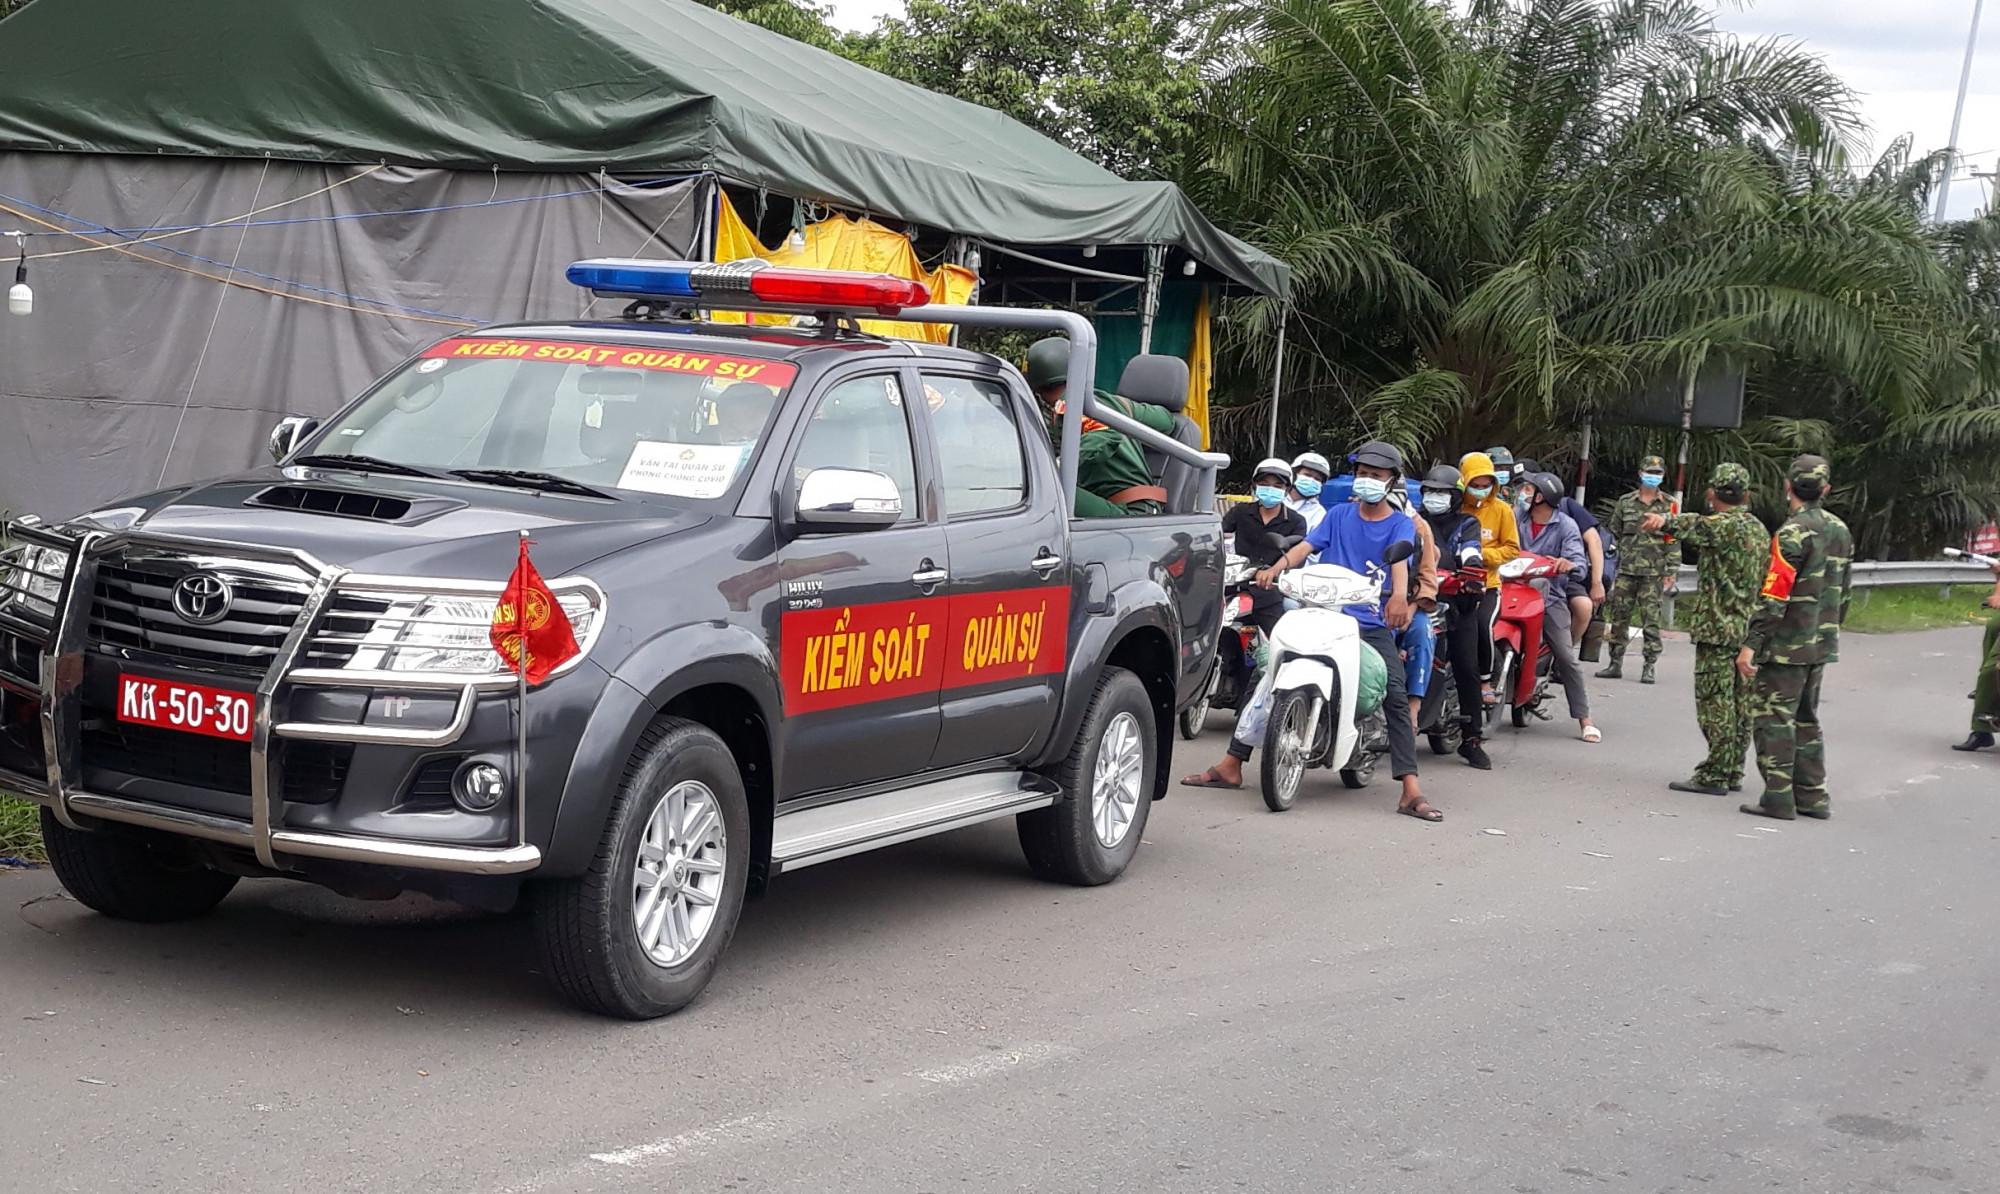 Ngành chức năng TP. Cần Thơ hỗ trợ người dân tự phát về quê bằng xe gắn máy đến các khu cách ly theo quy định